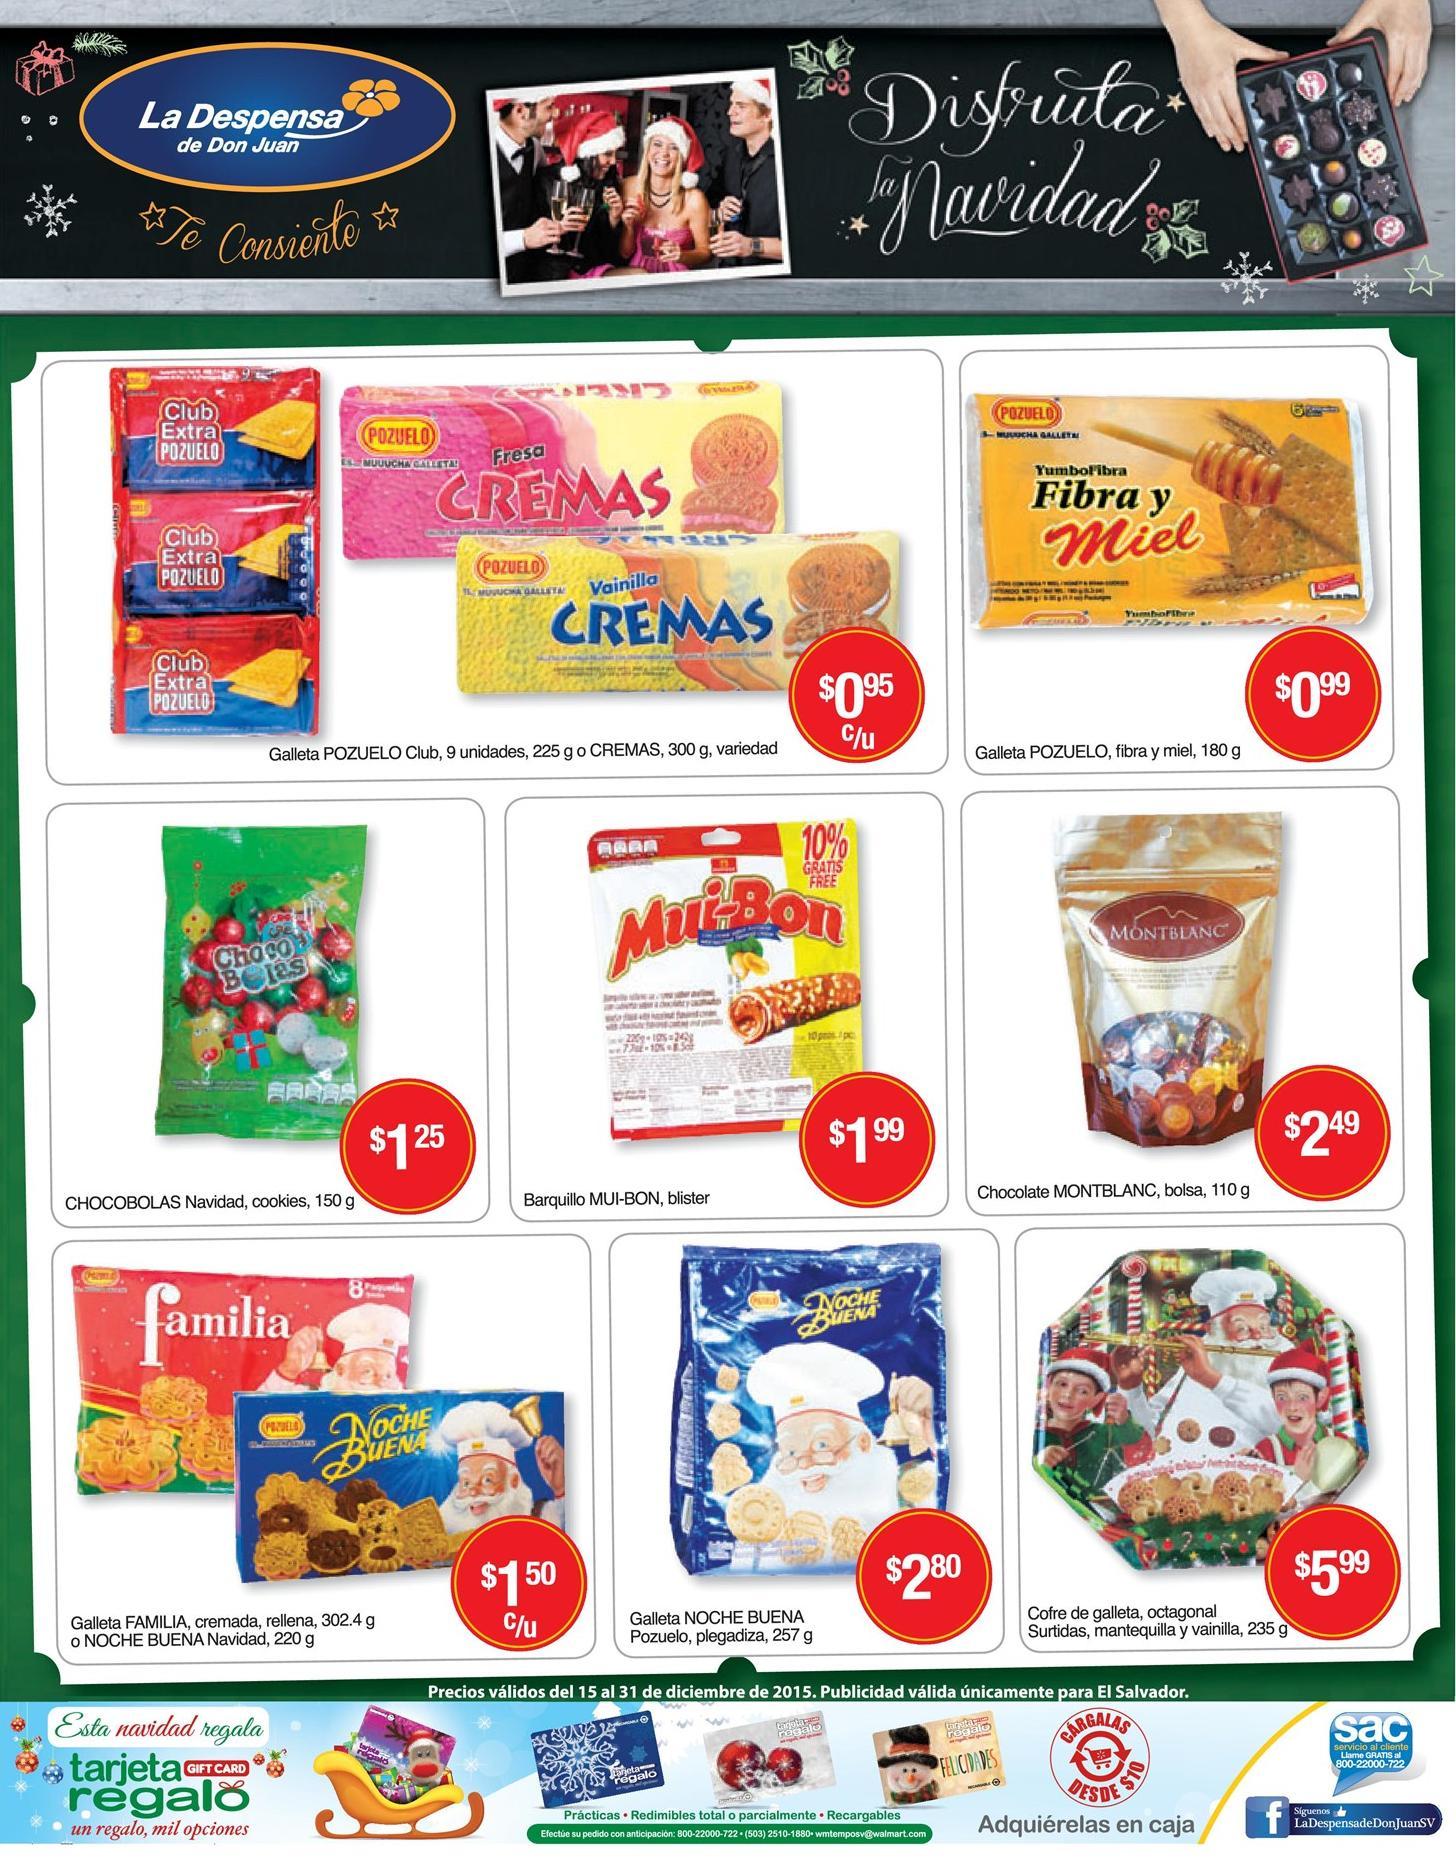 Dulces Caramelos CHocolates Galletas DESPENSA DE DON JUAN - 15dic15